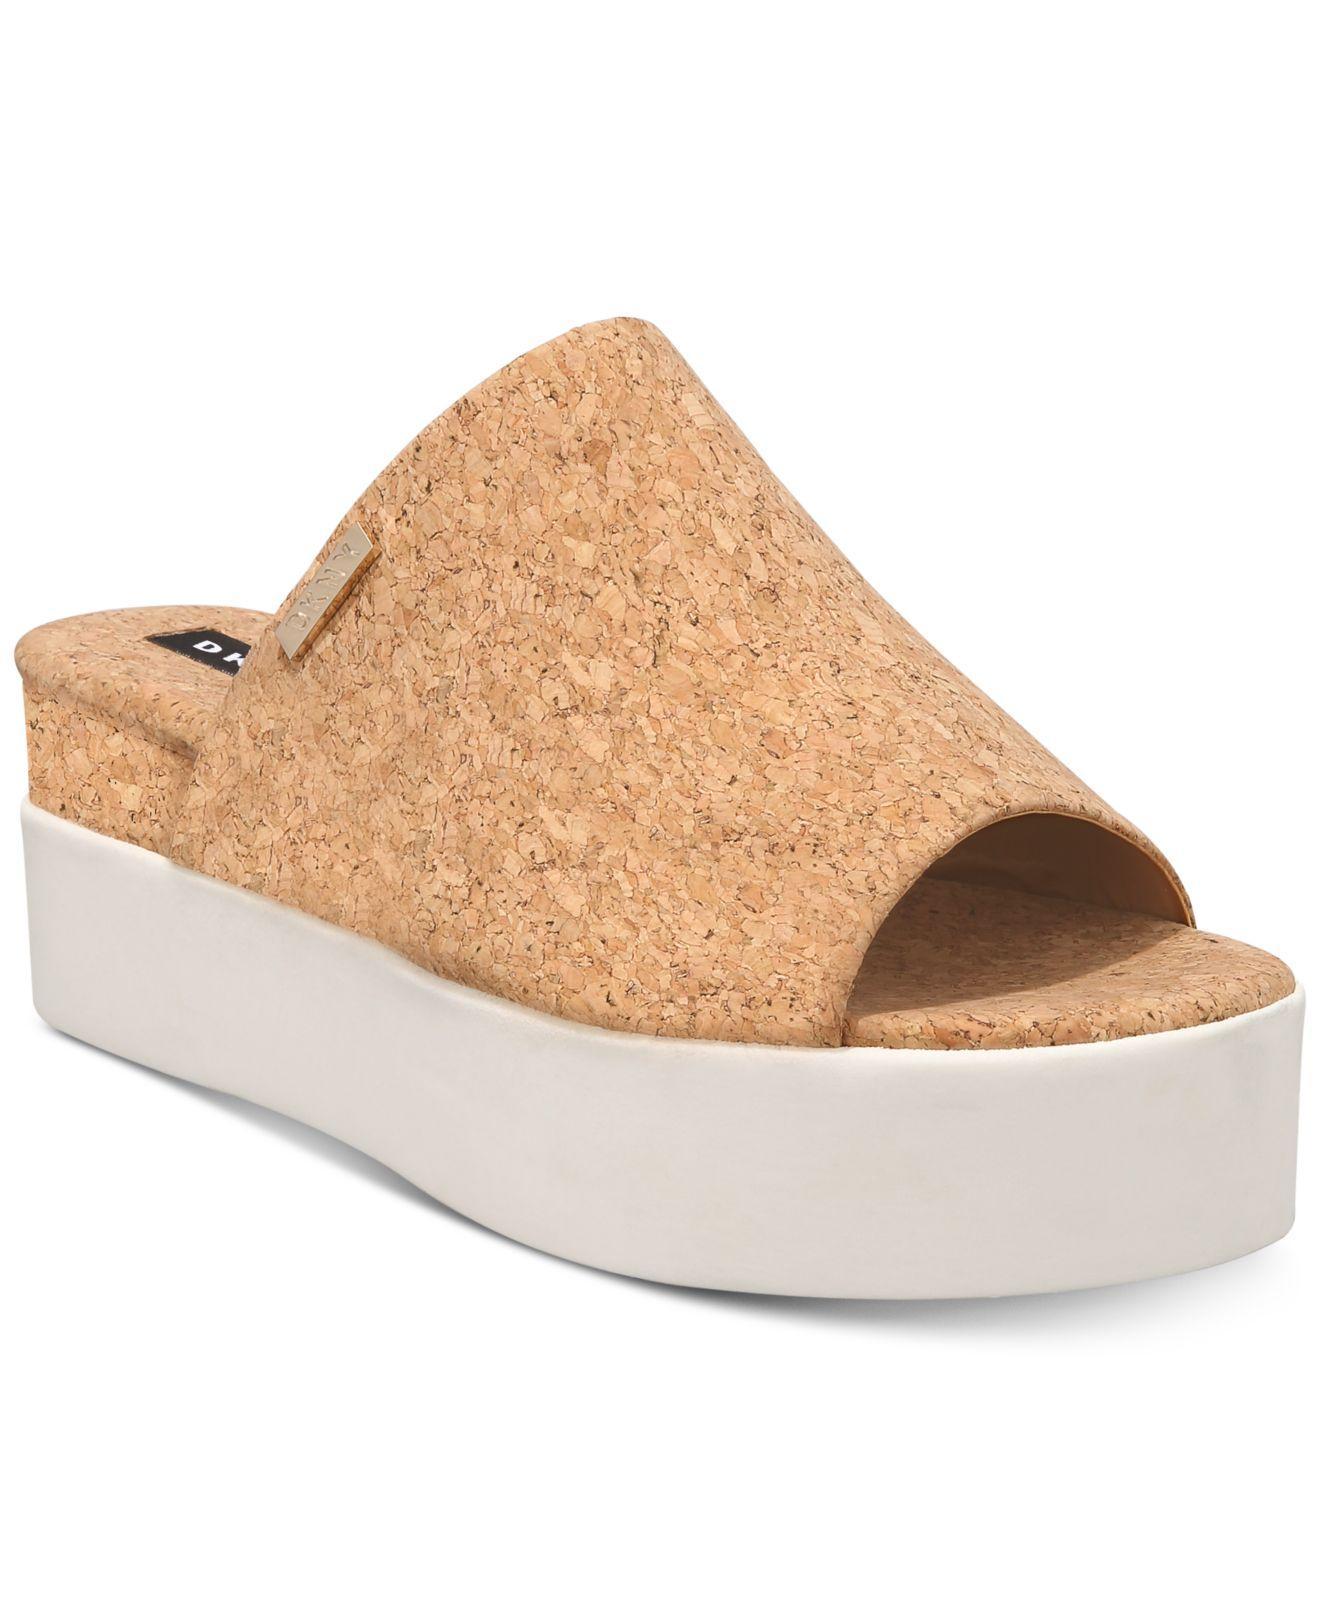 081f4f2f91e DKNY. Women s Natural Carli Sandals ...